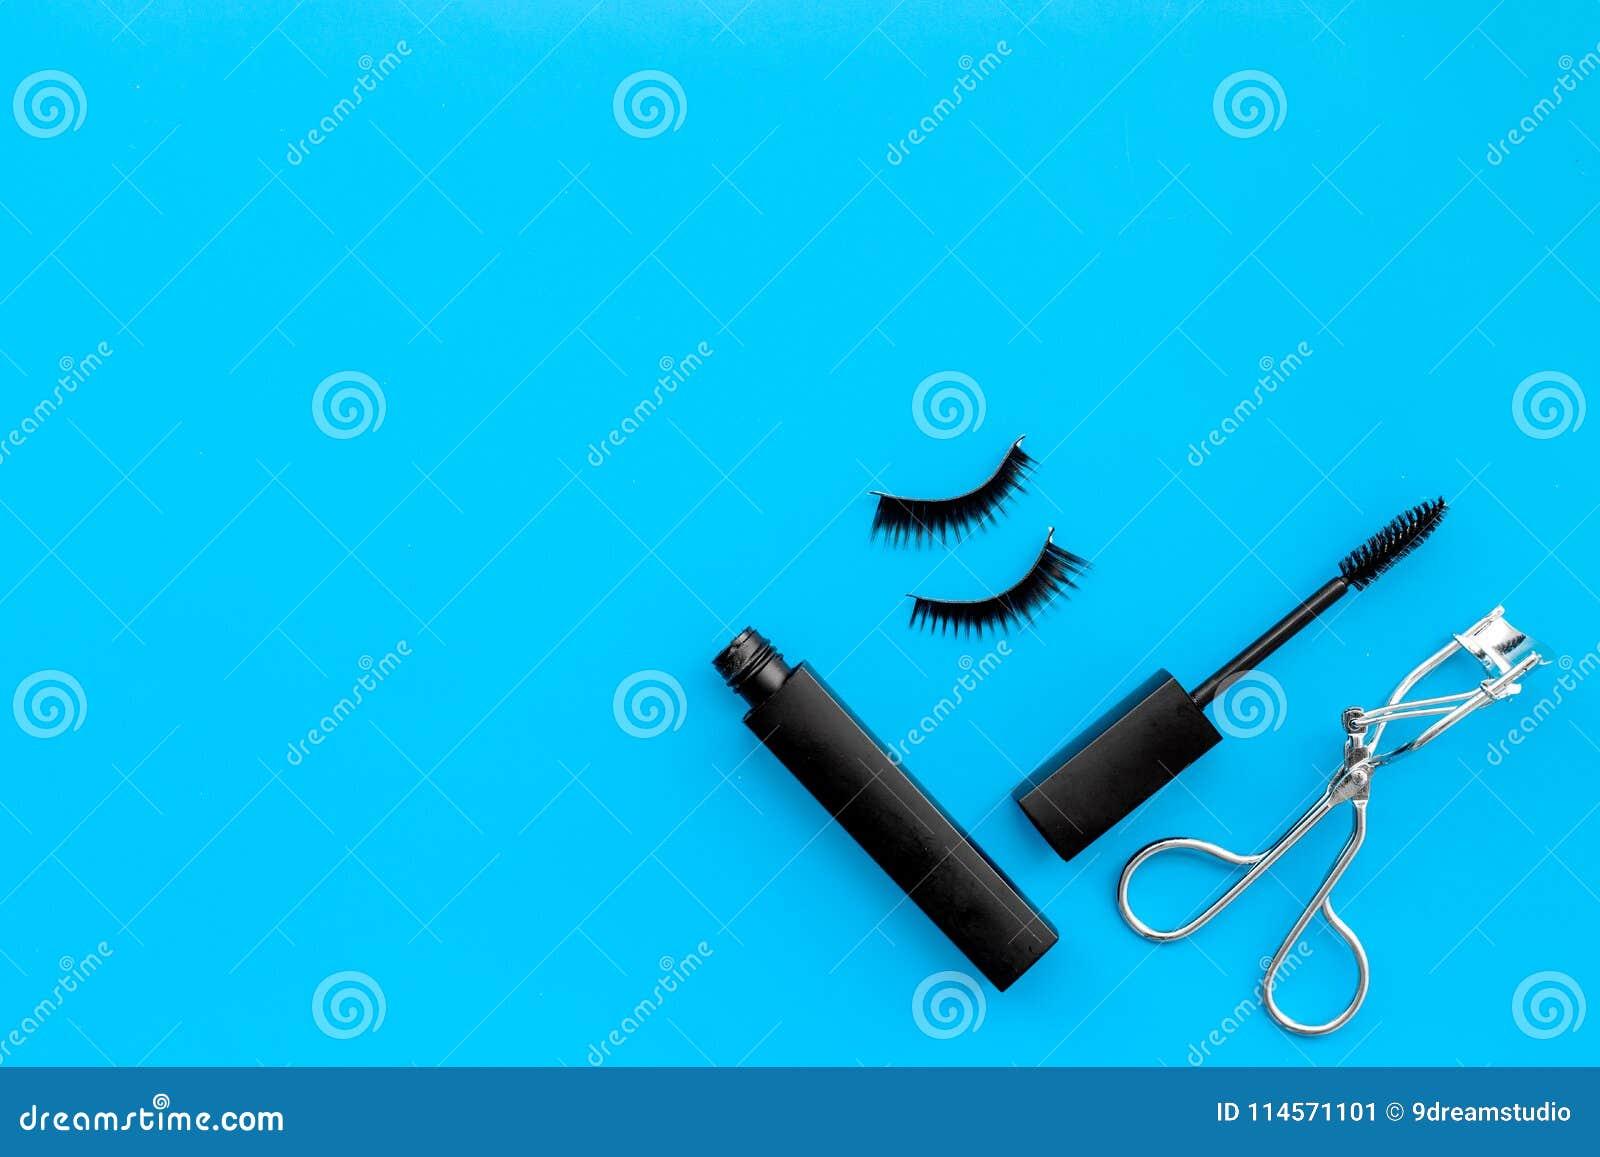 Cosmetics And Tools For Voluminous Lashes Mascara False Eyelashes